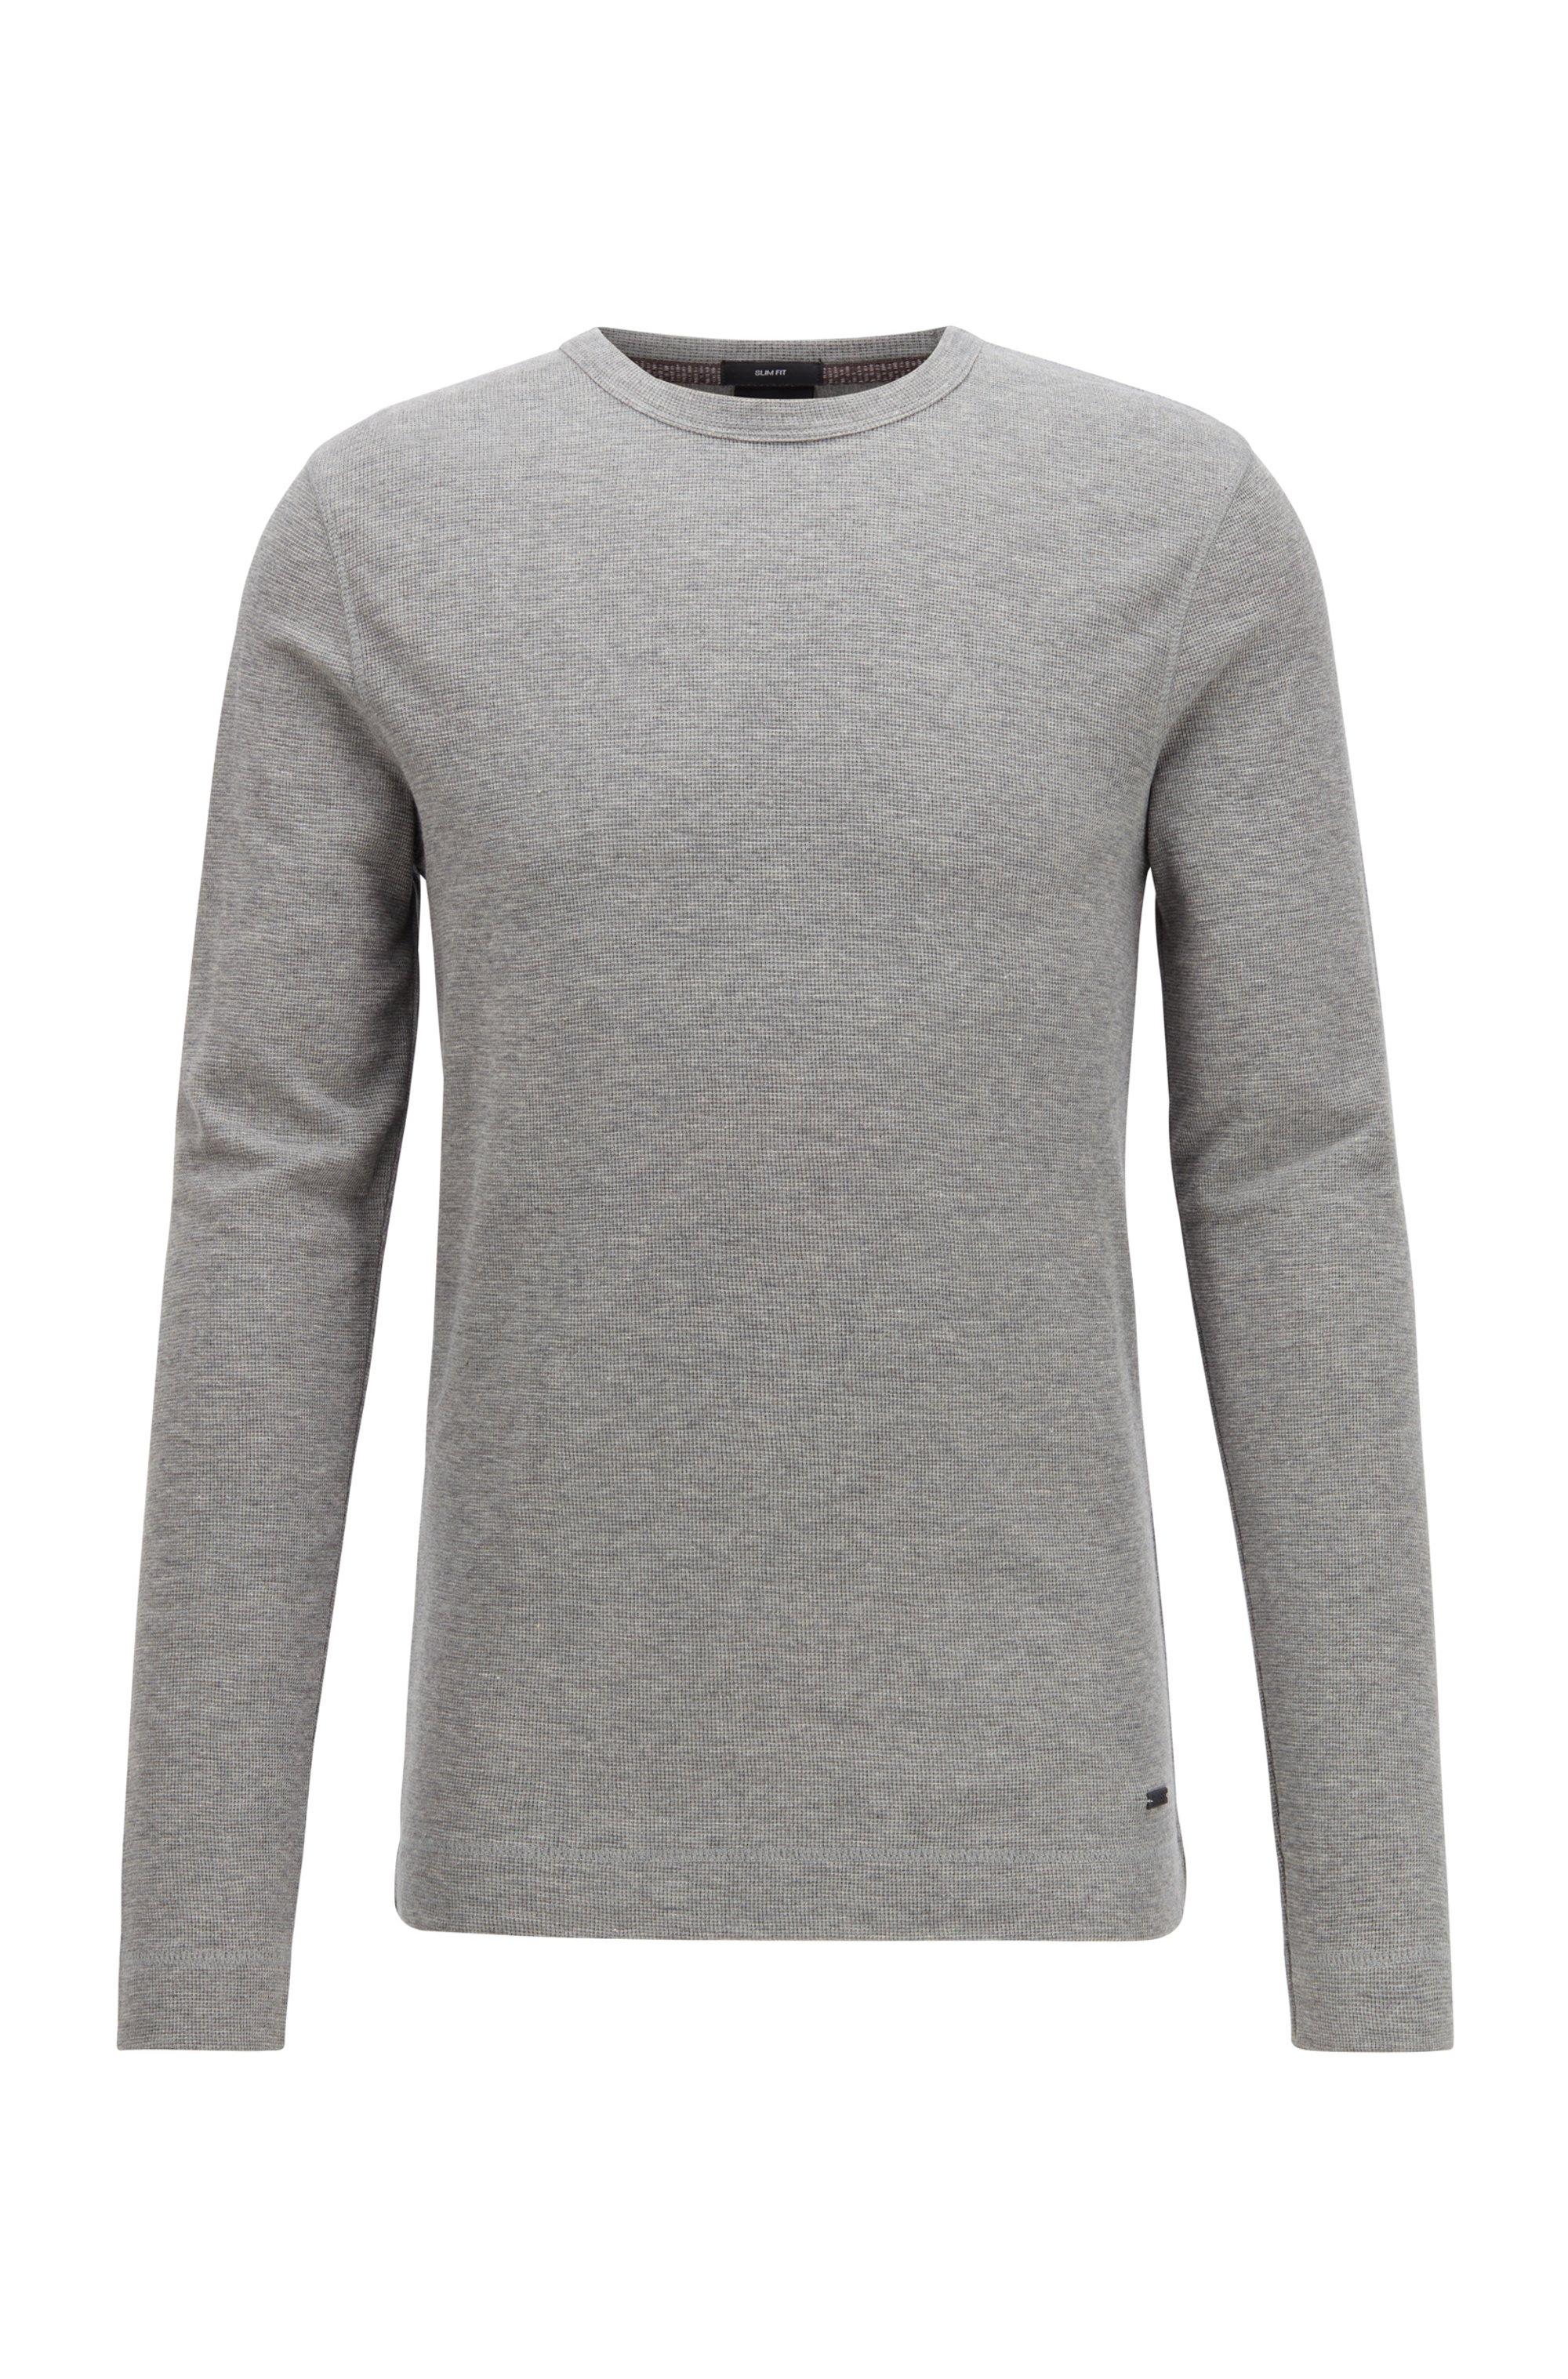 T-shirt Slim Fit à manches longues en coton gaufré, Gris chiné